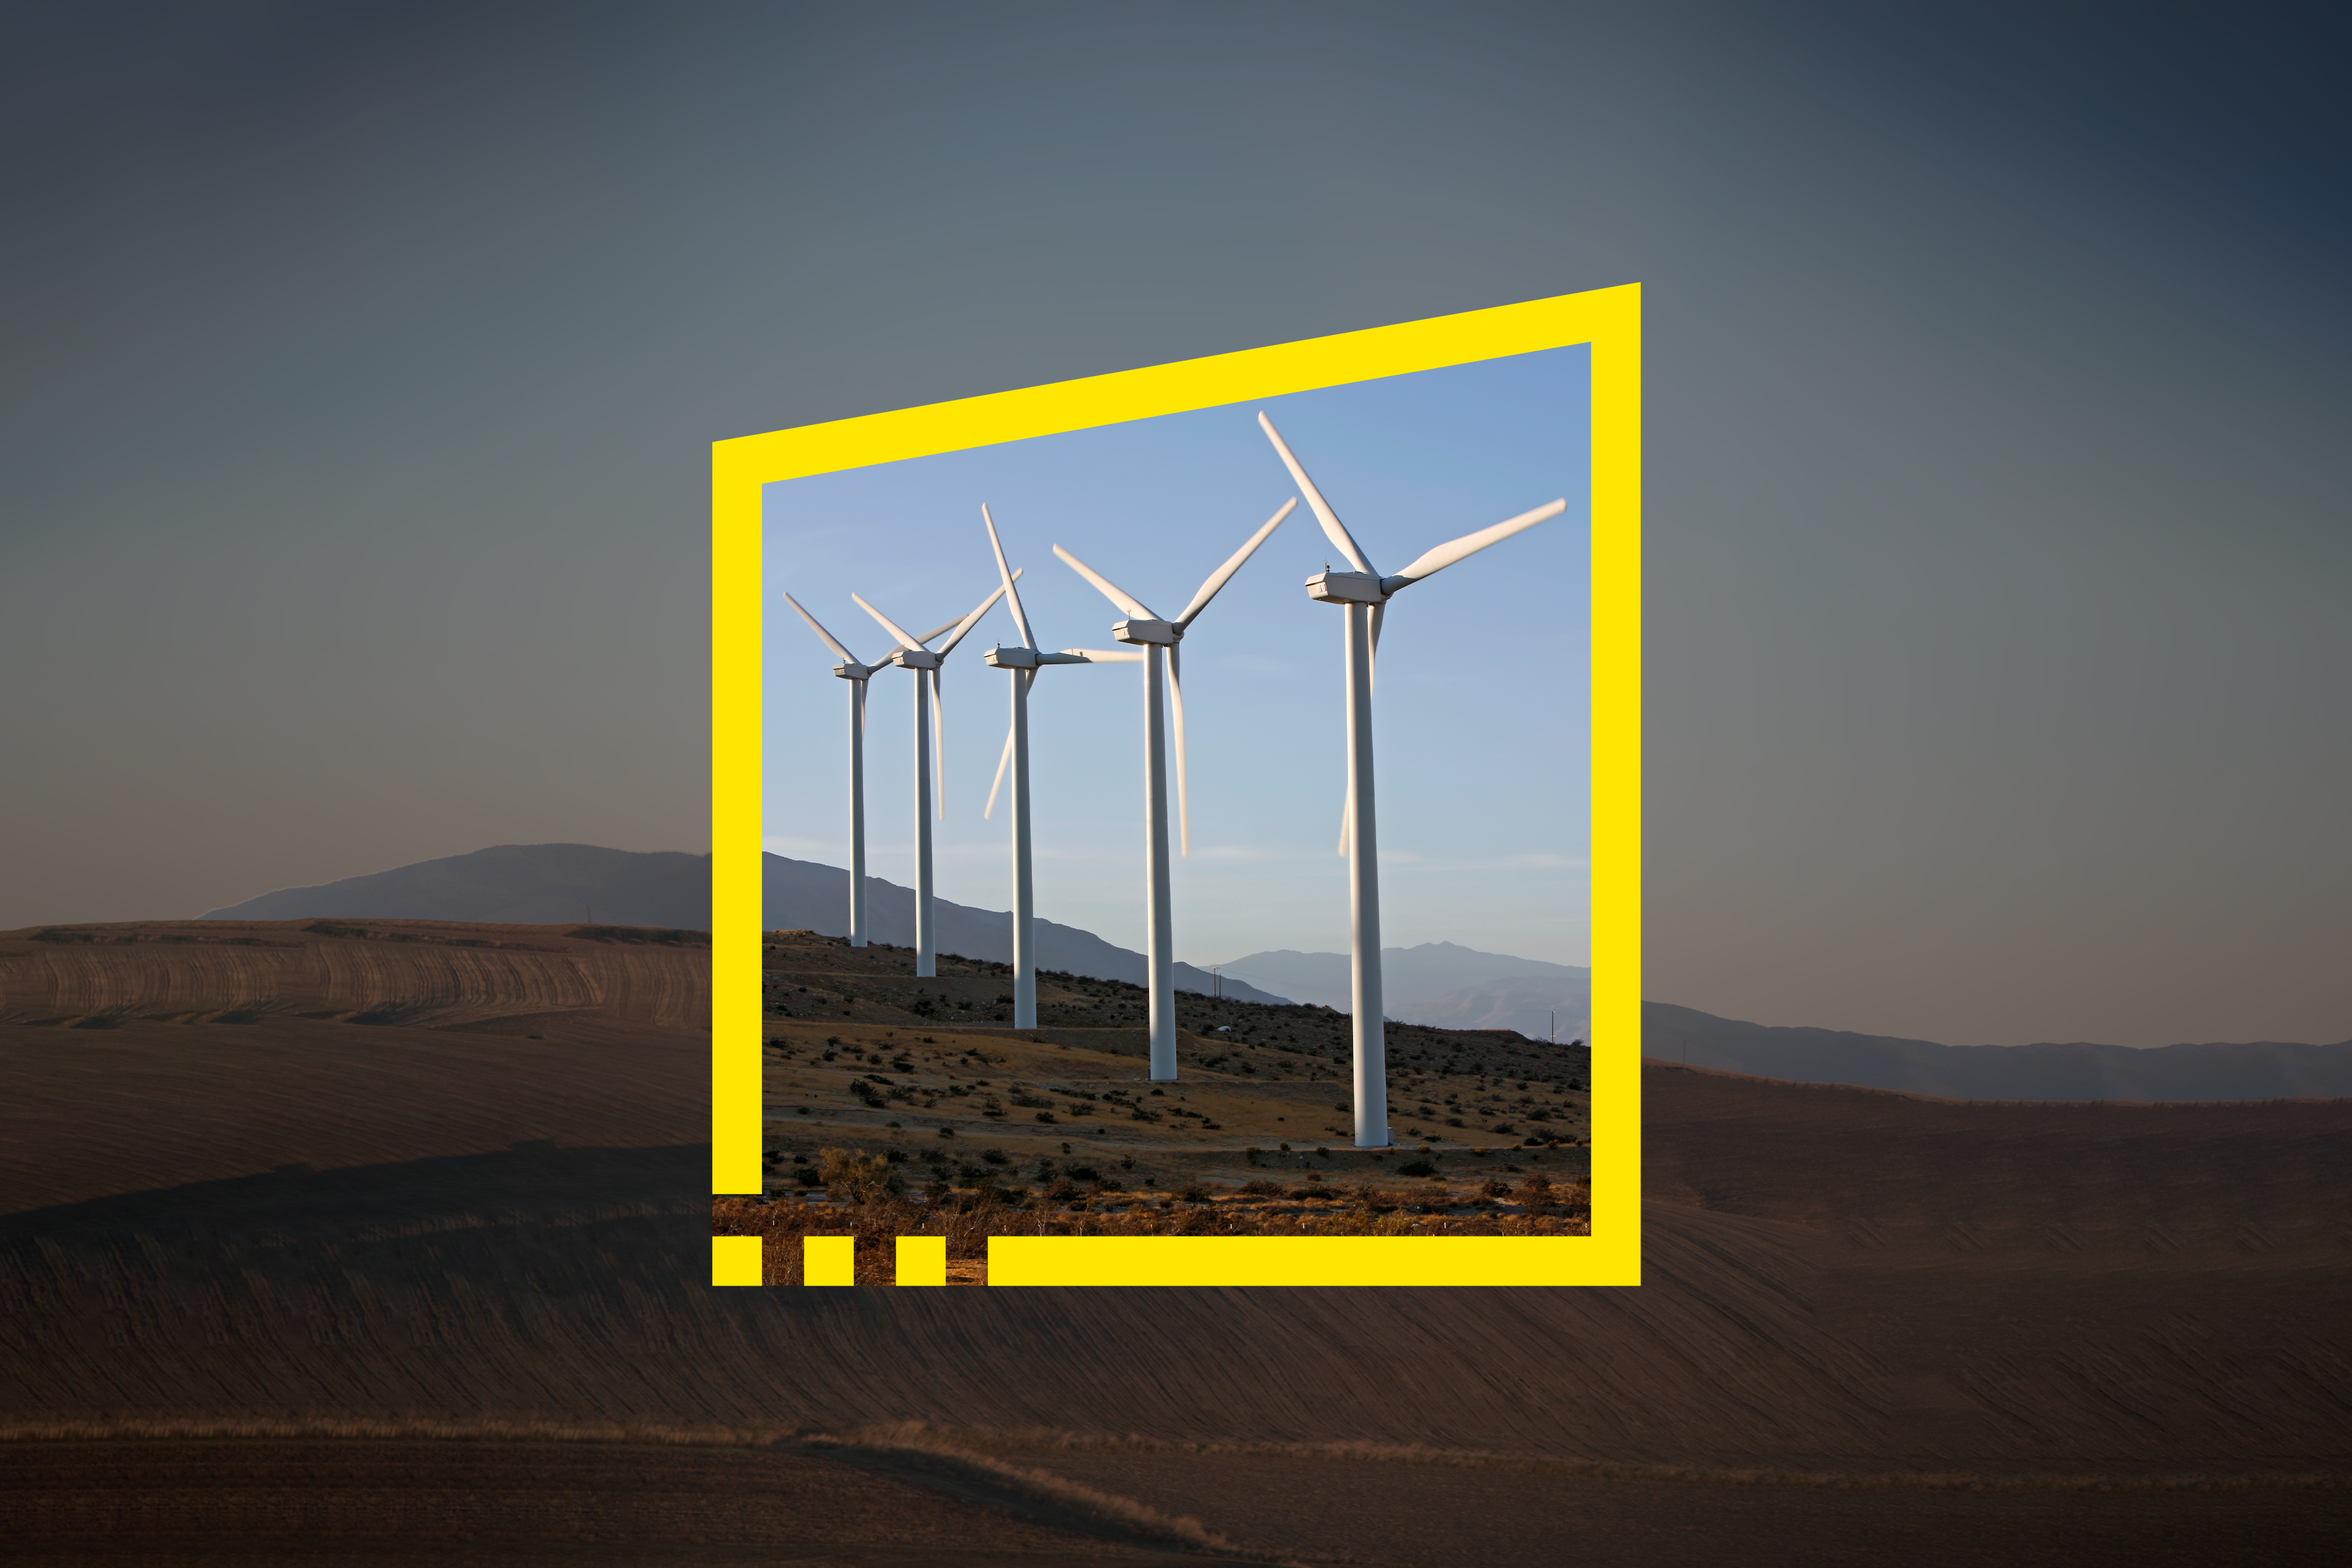 EY Carbon & Arbeiten in der EY Law